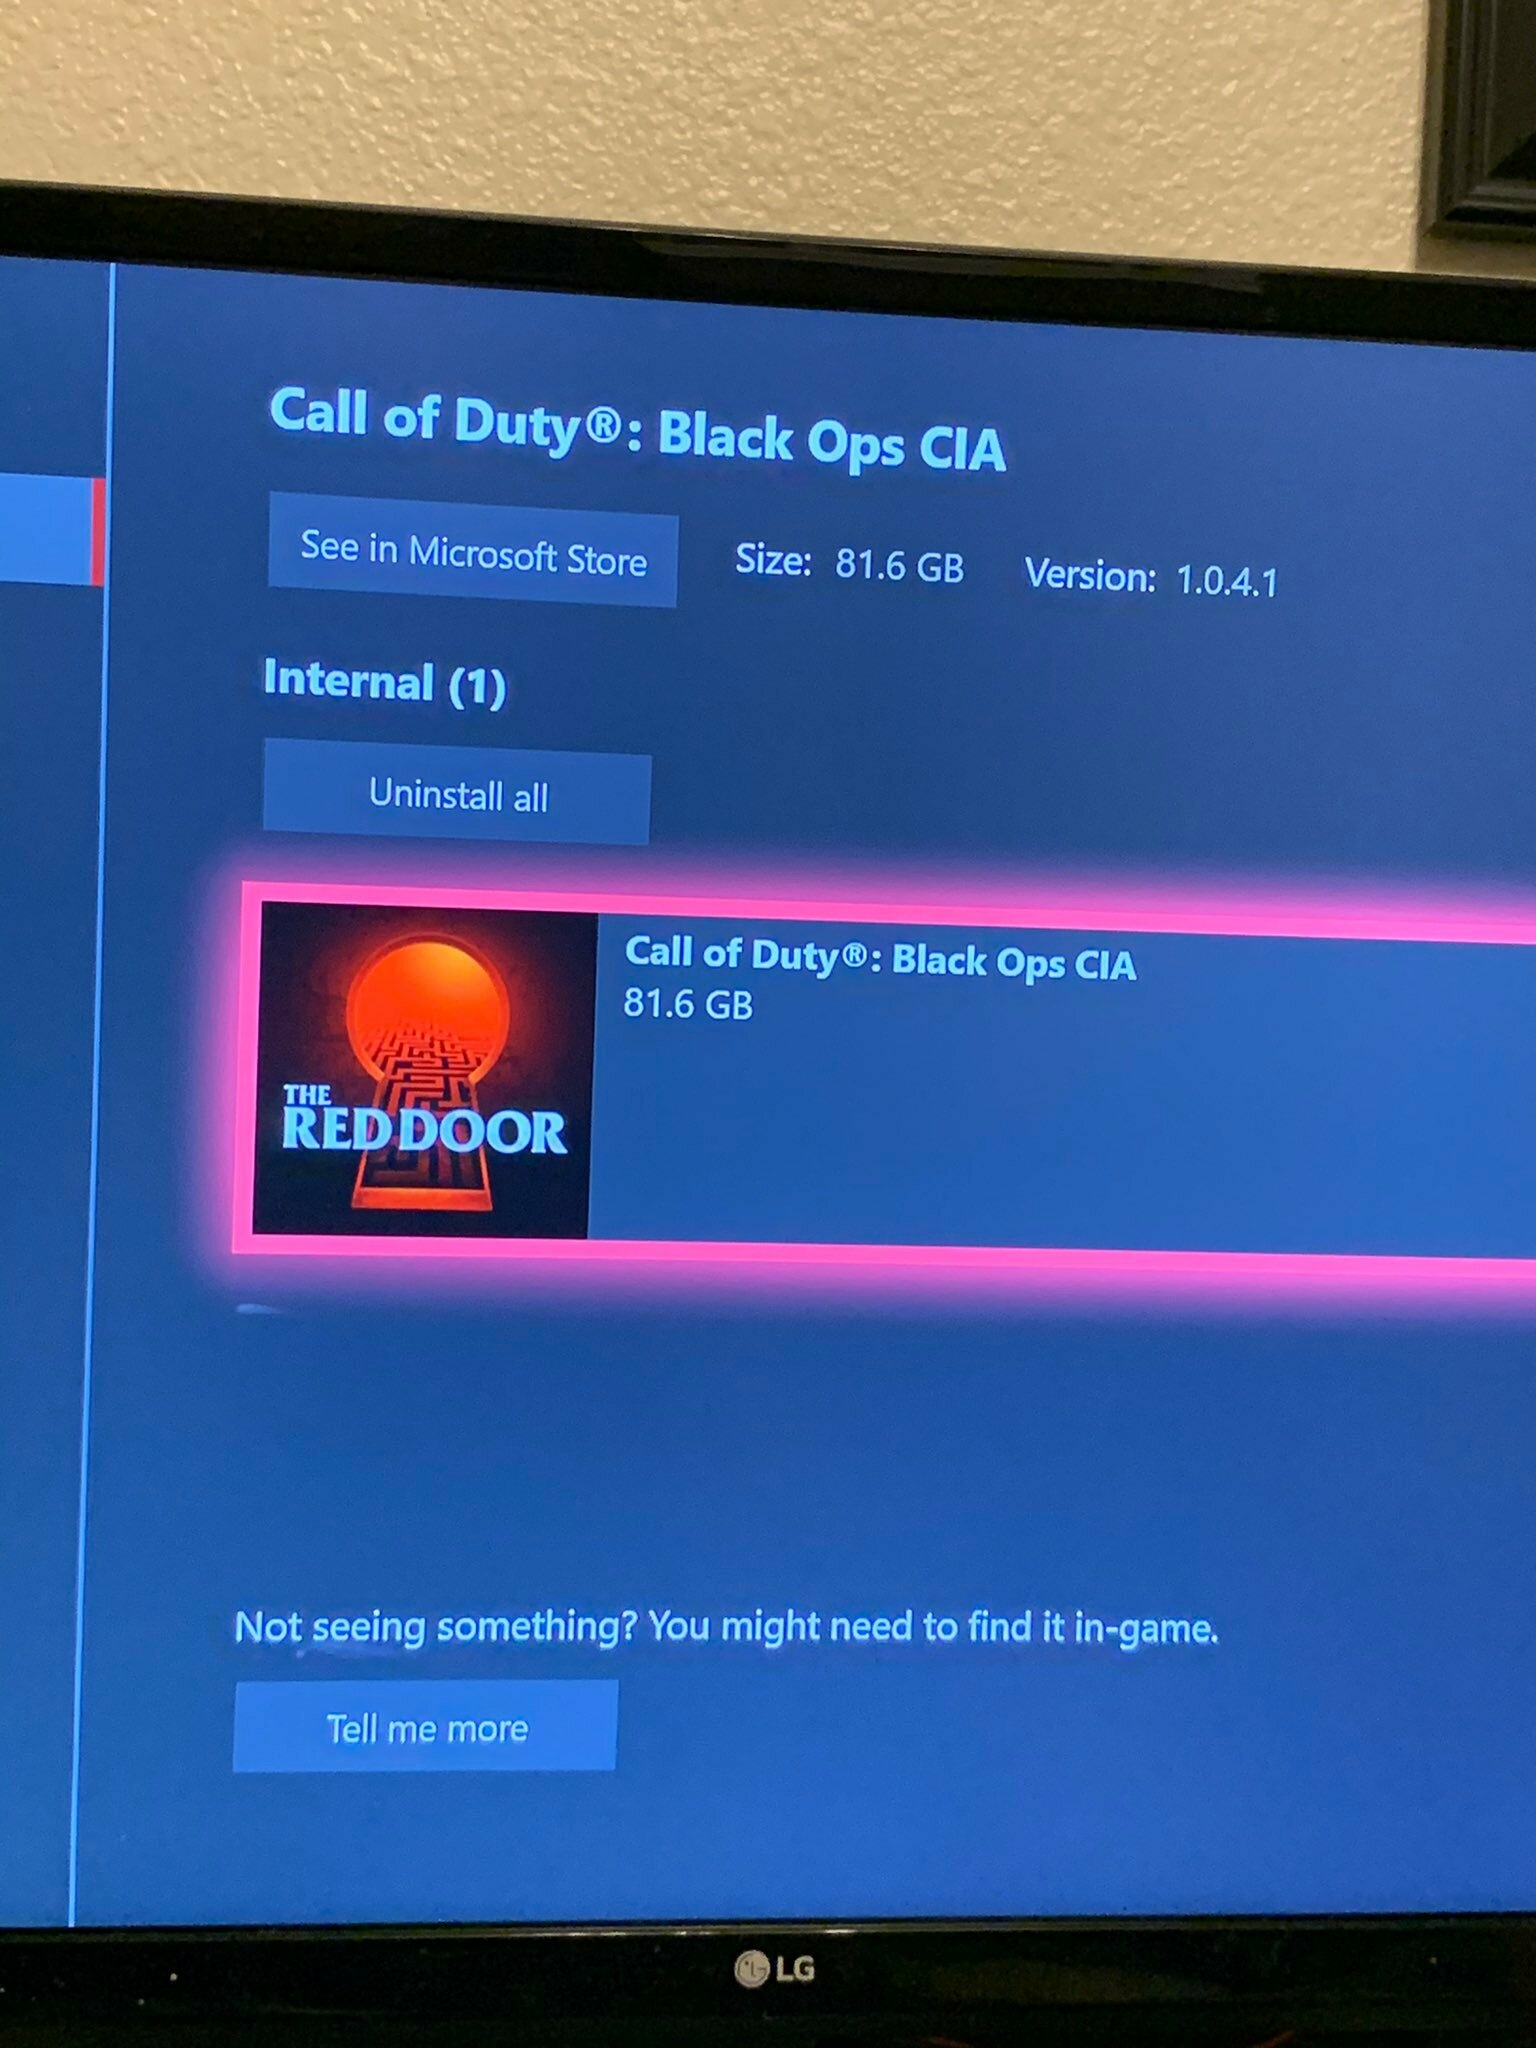 Игроки на Xbox One смогли запустить новый Call of Duty с кодовым названием The Red Door